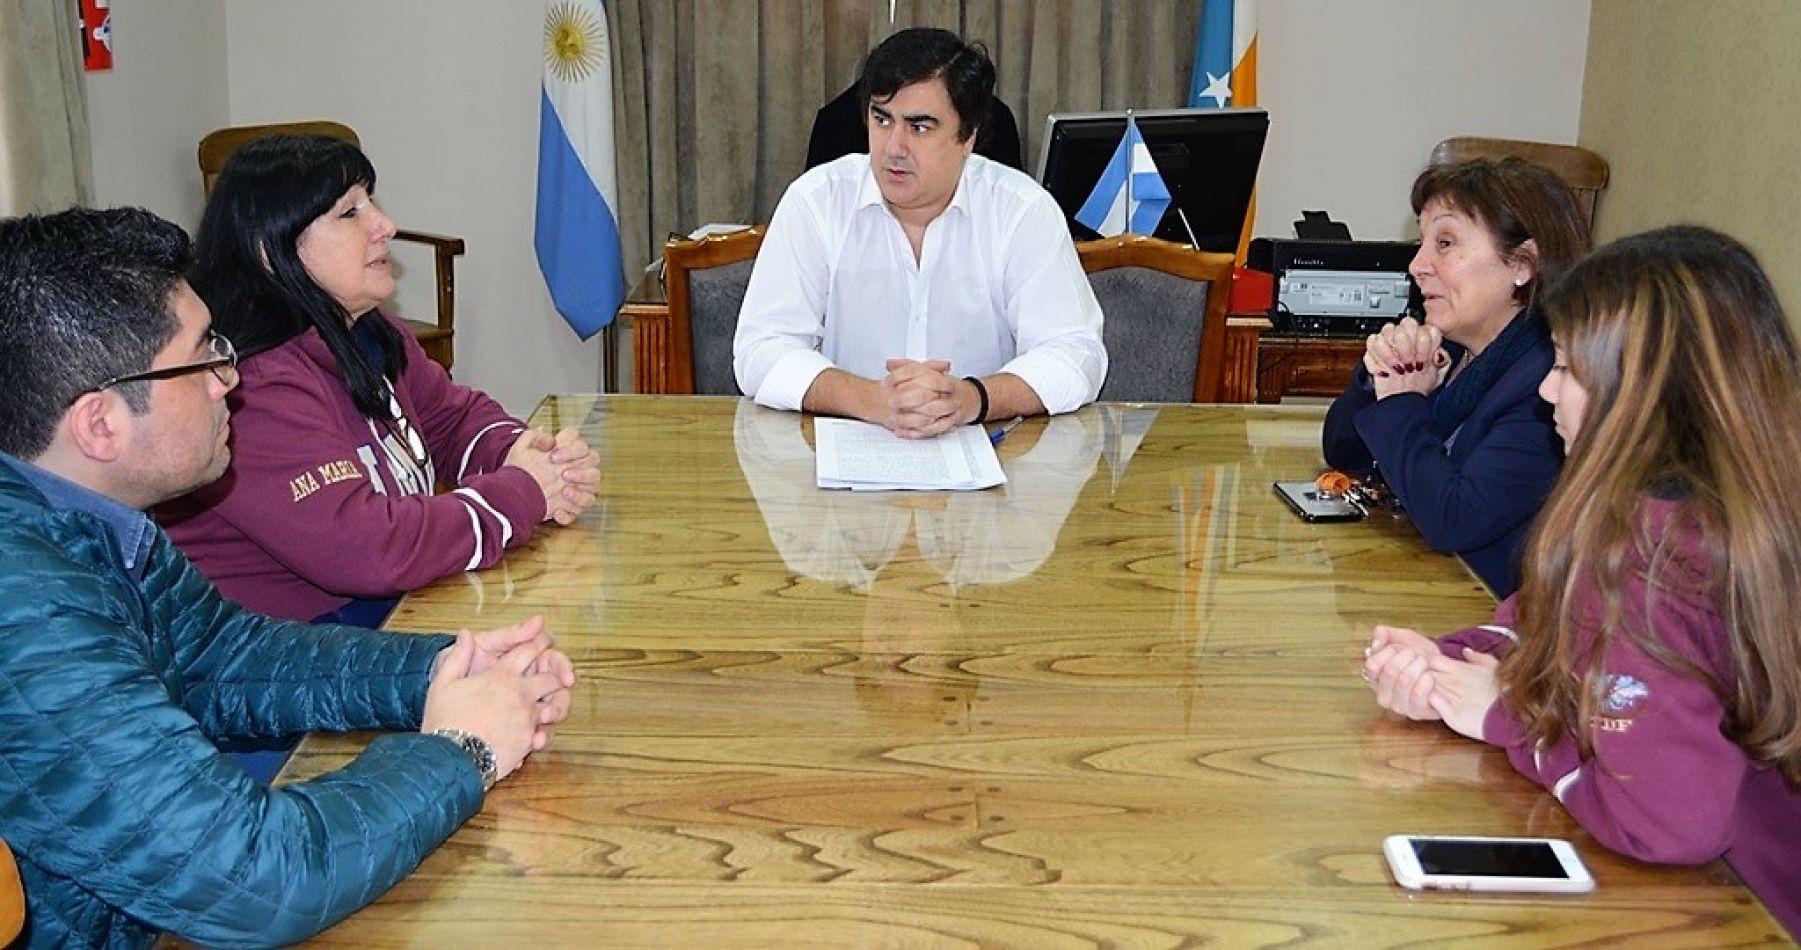 Alejandro Nogar en reunión con autoridades del Colegio María Auxiliadora.